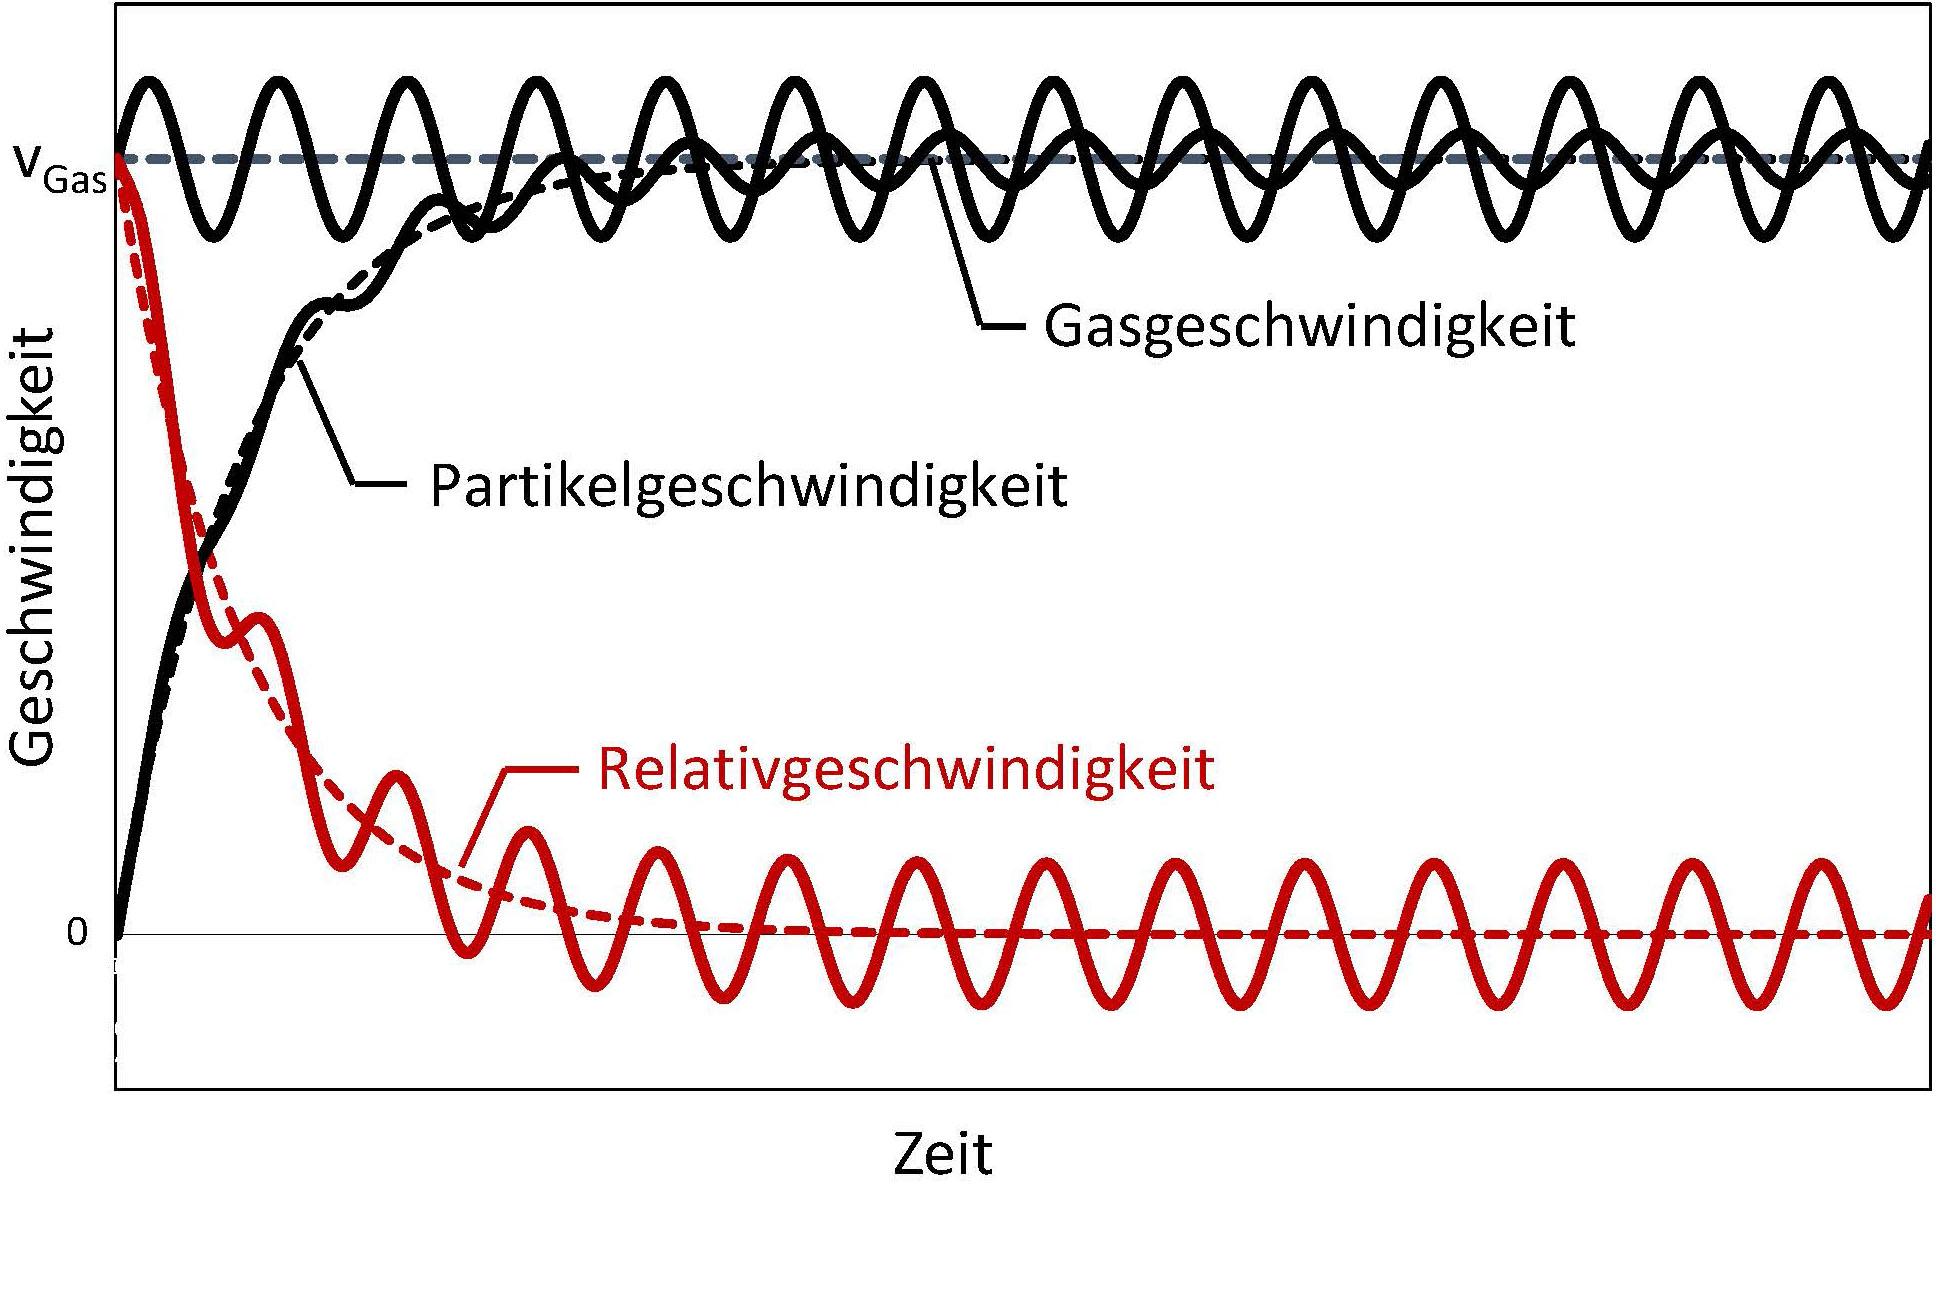 Glatt Pulversynthese - Geschwindigkeitsverläufe innerhalb gepulster Gasströmungen